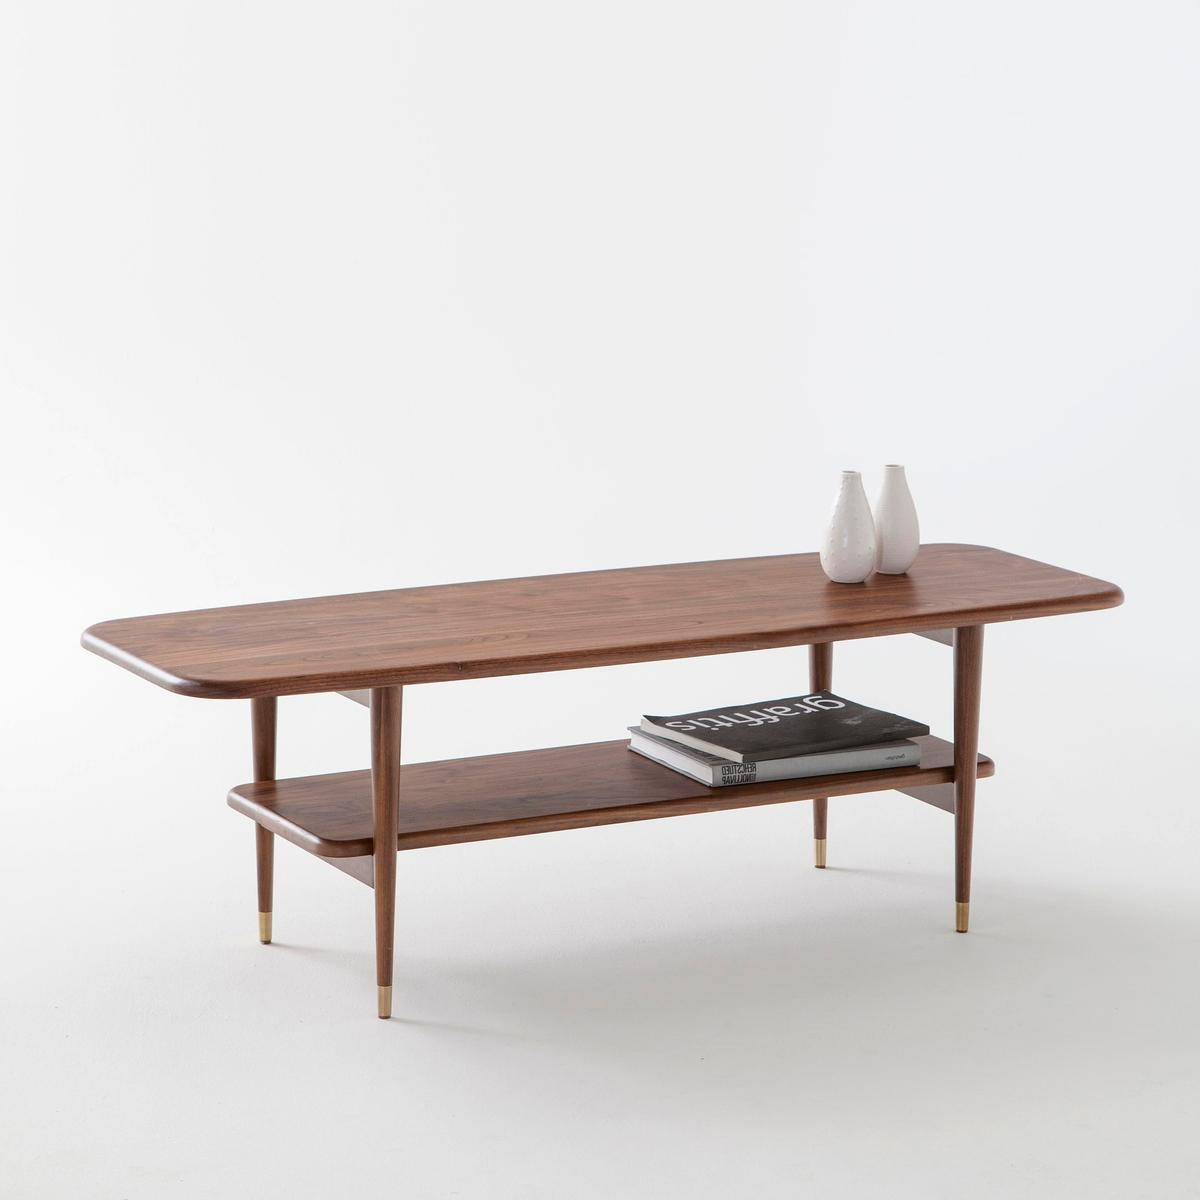 La Redoute Interieurs Столик журнальный из массива орехового дерева, Watford